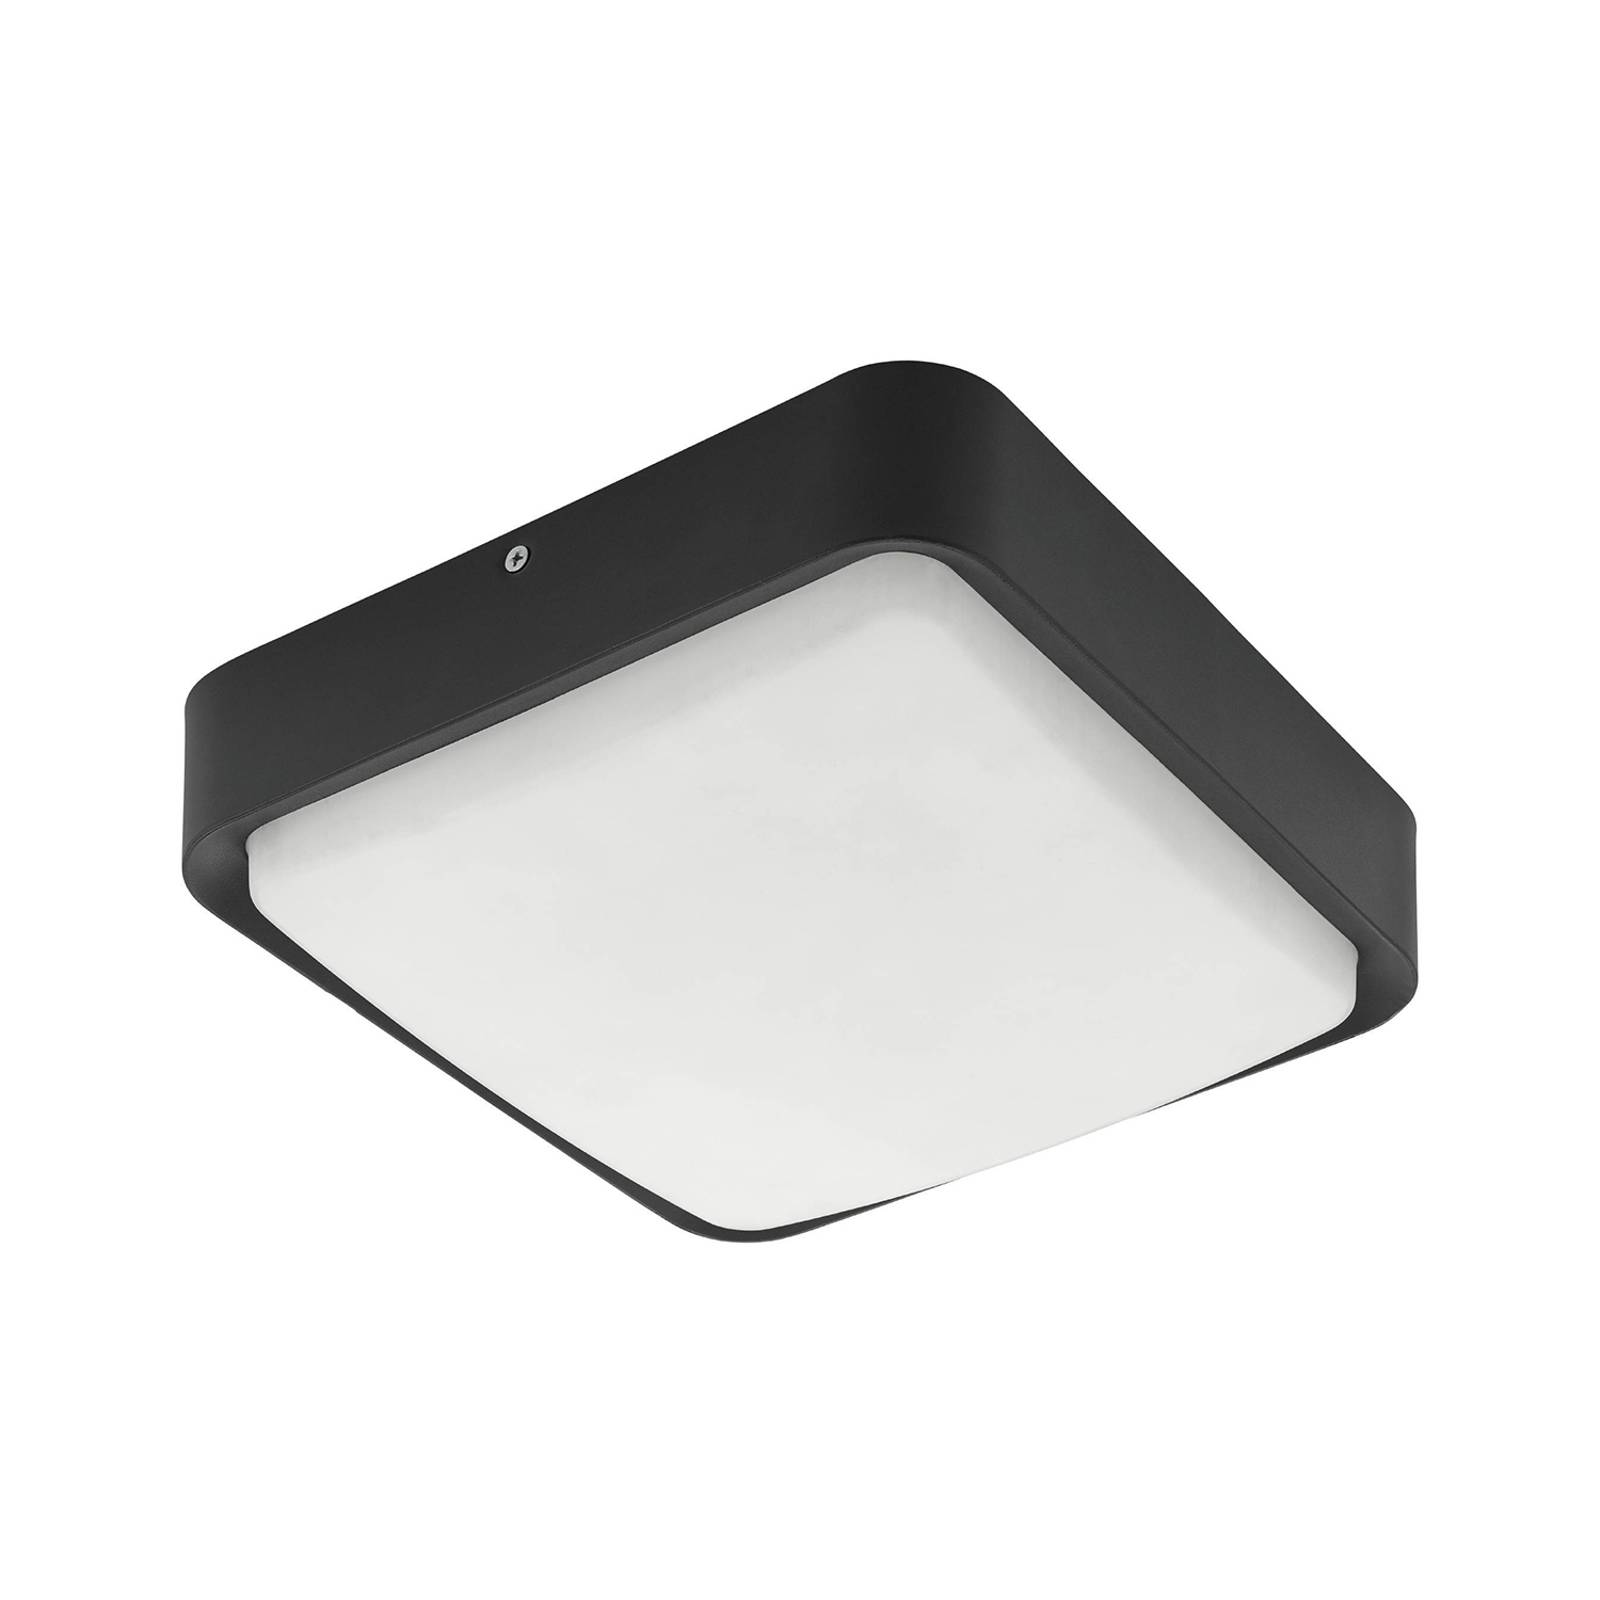 EGLO connect Piove-C -LED-ulkoseinävalaisin